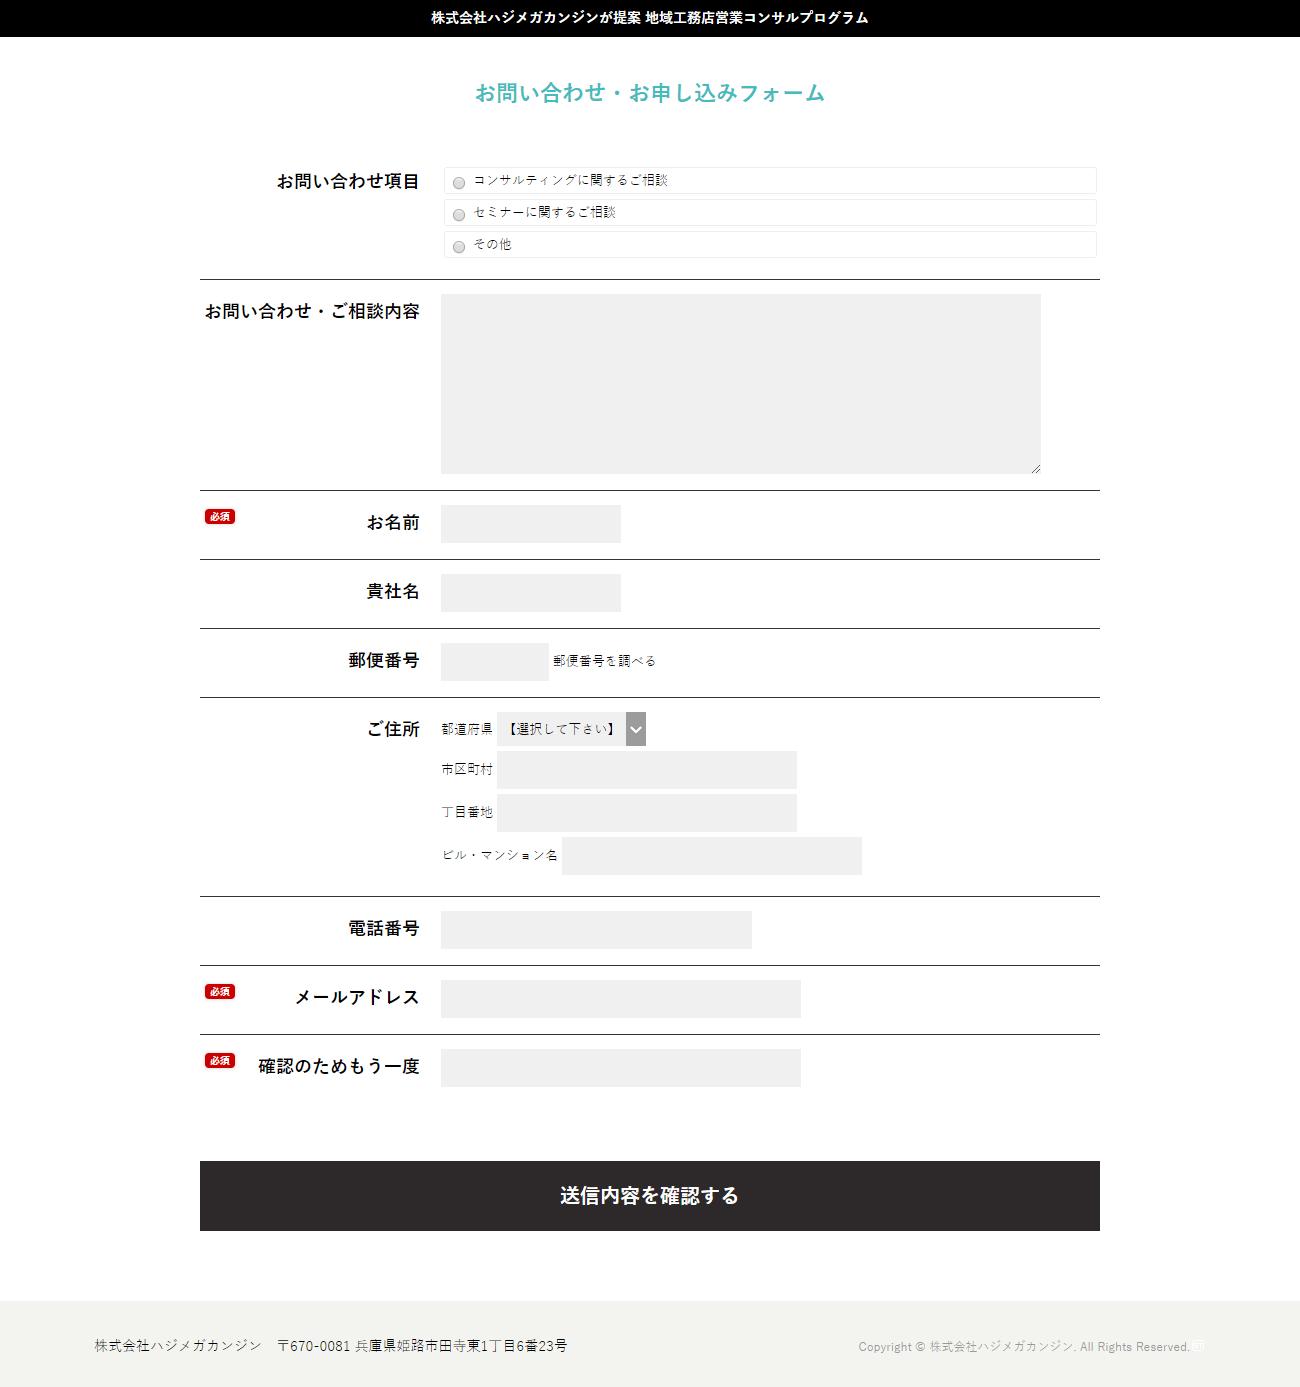 姫路市 株式会社ハジメガカンジン様 ホームページ制作2